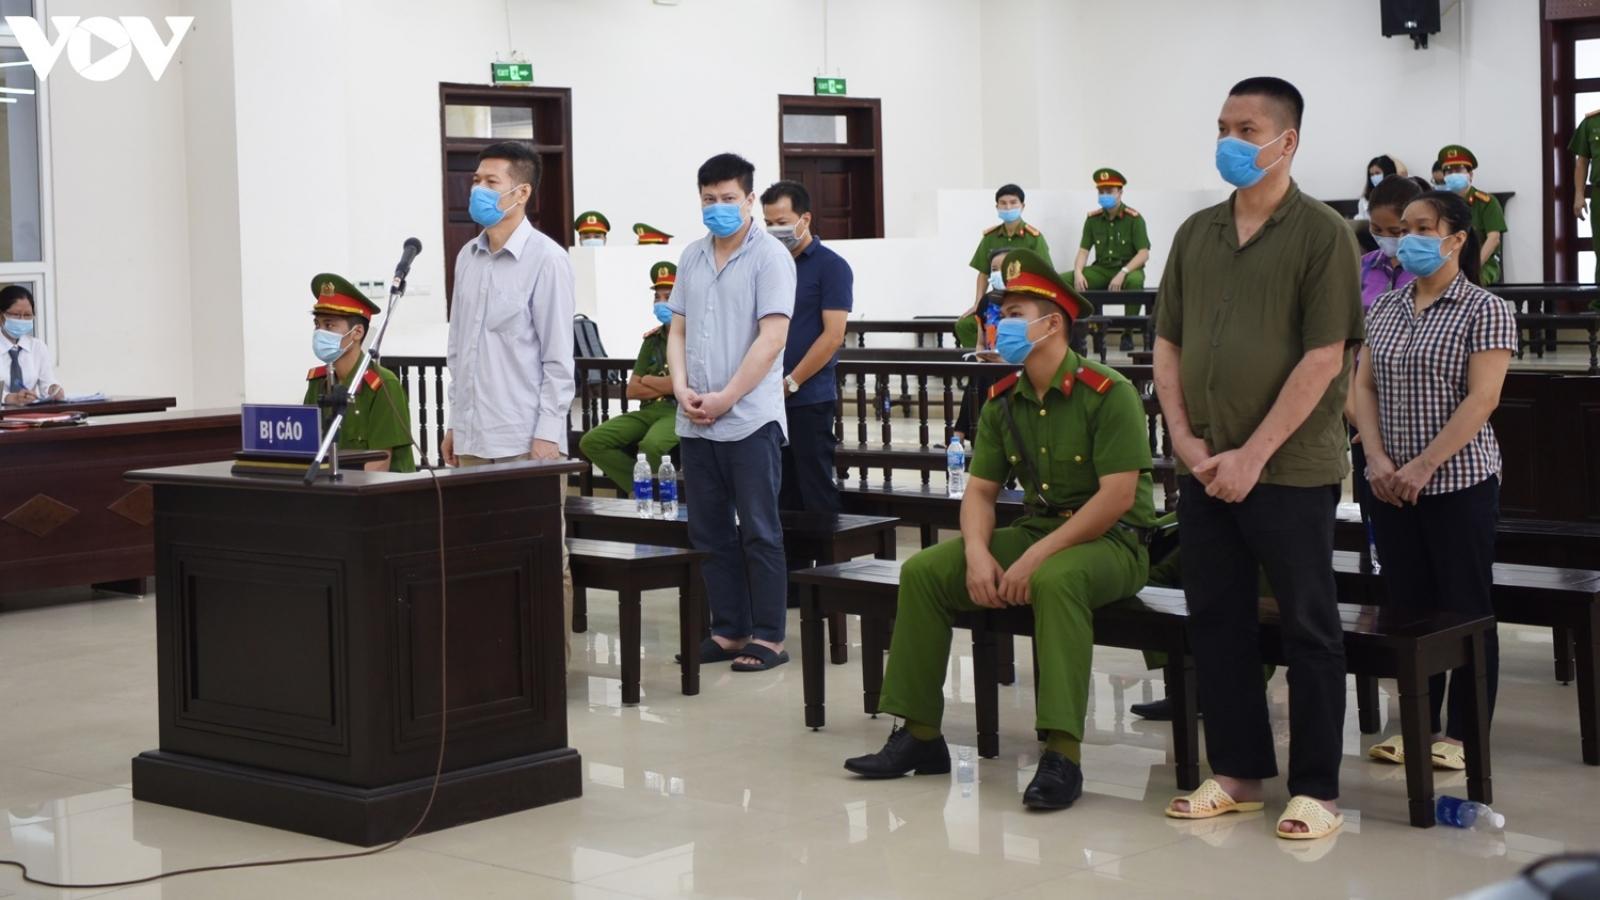 """Cựu Giám đốc CDC Hà Nội: """"Bị cáo làm việc quên mình mà bỏ qua rủi ro"""""""